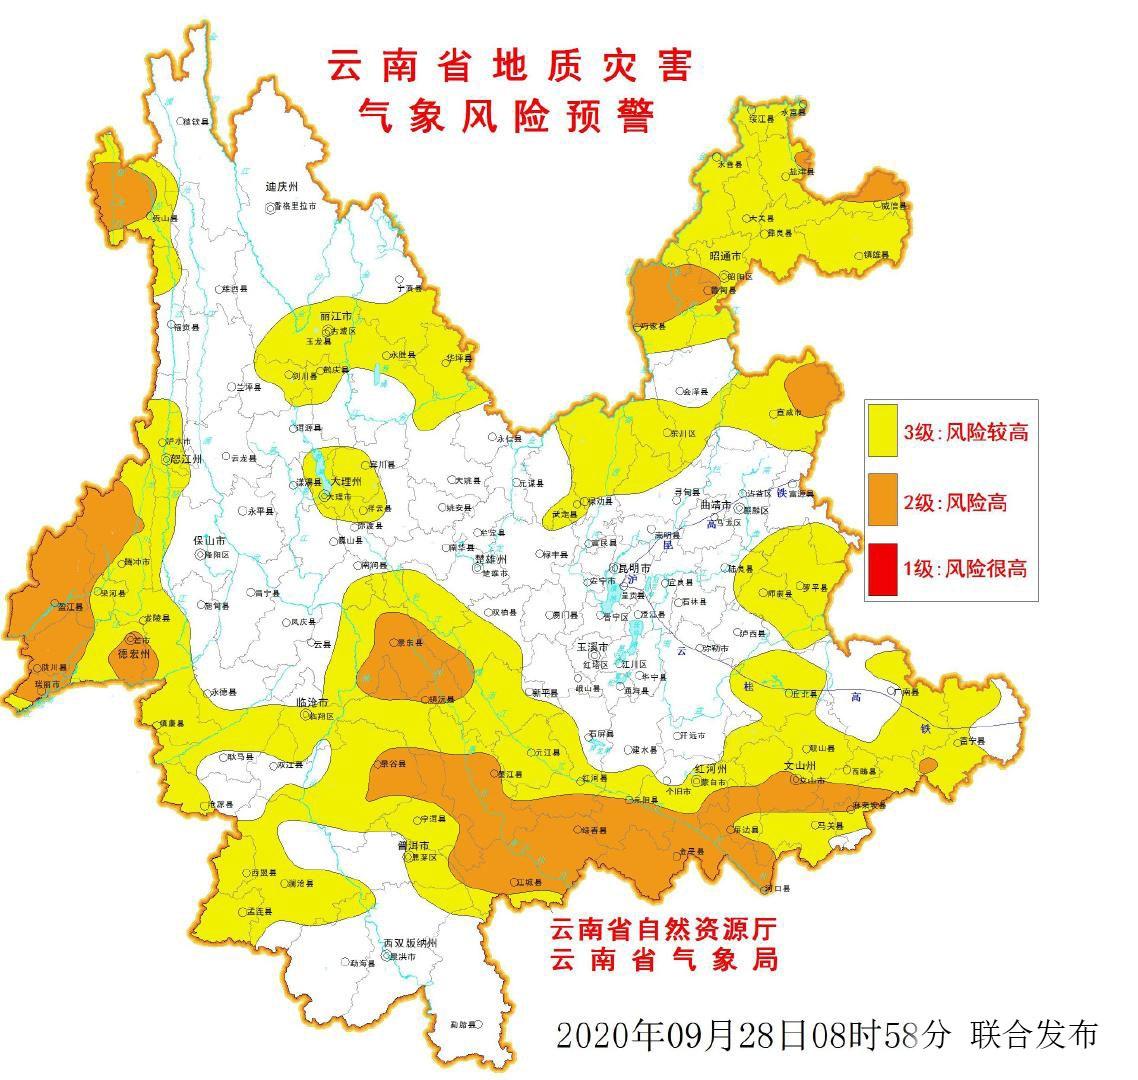 云南发布地质灾害橙色预警 多地发生滑坡泥石流风险高图片